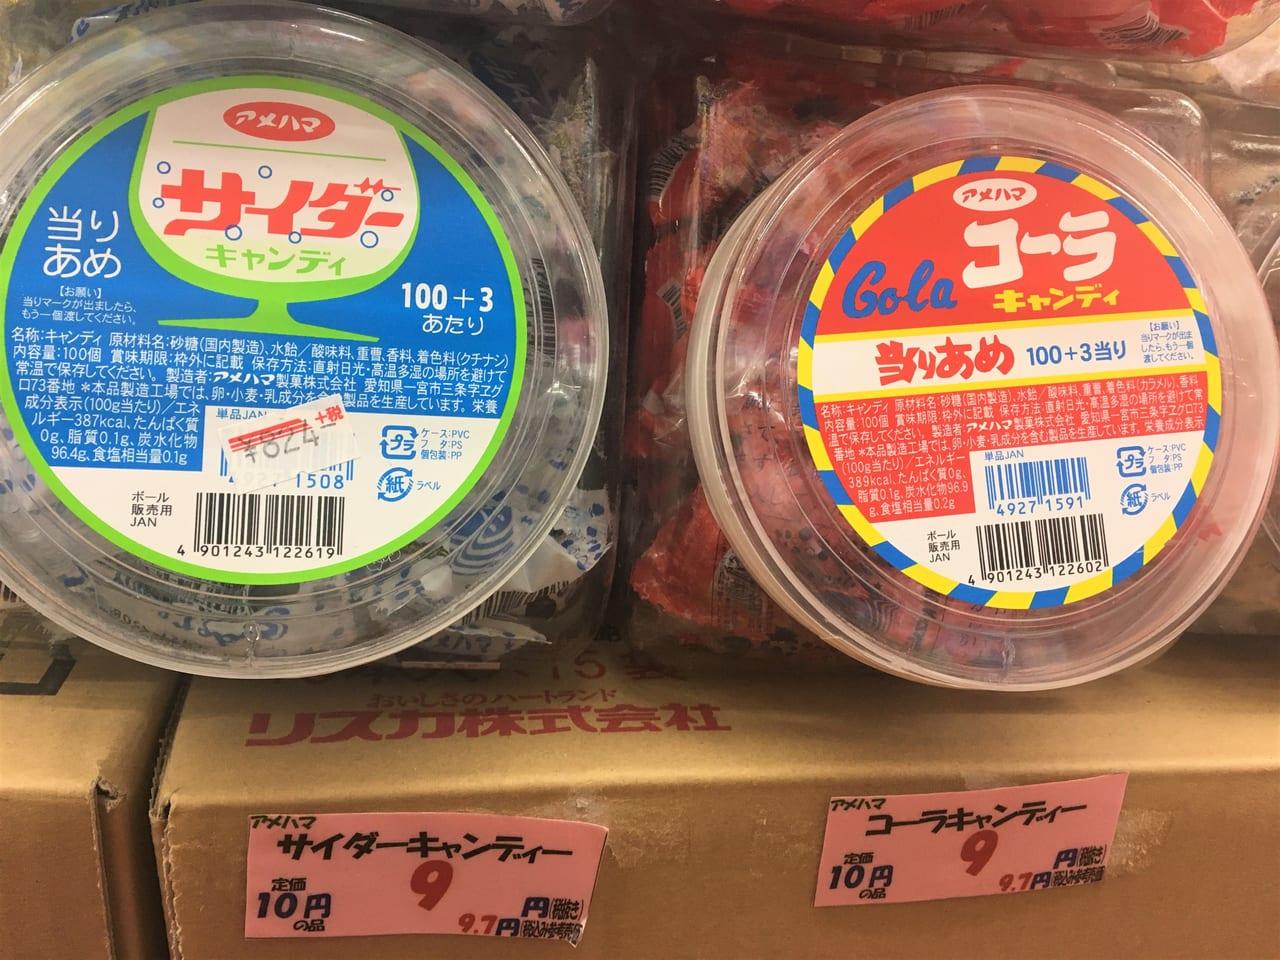 アメハマ製菓の10円当たり飴